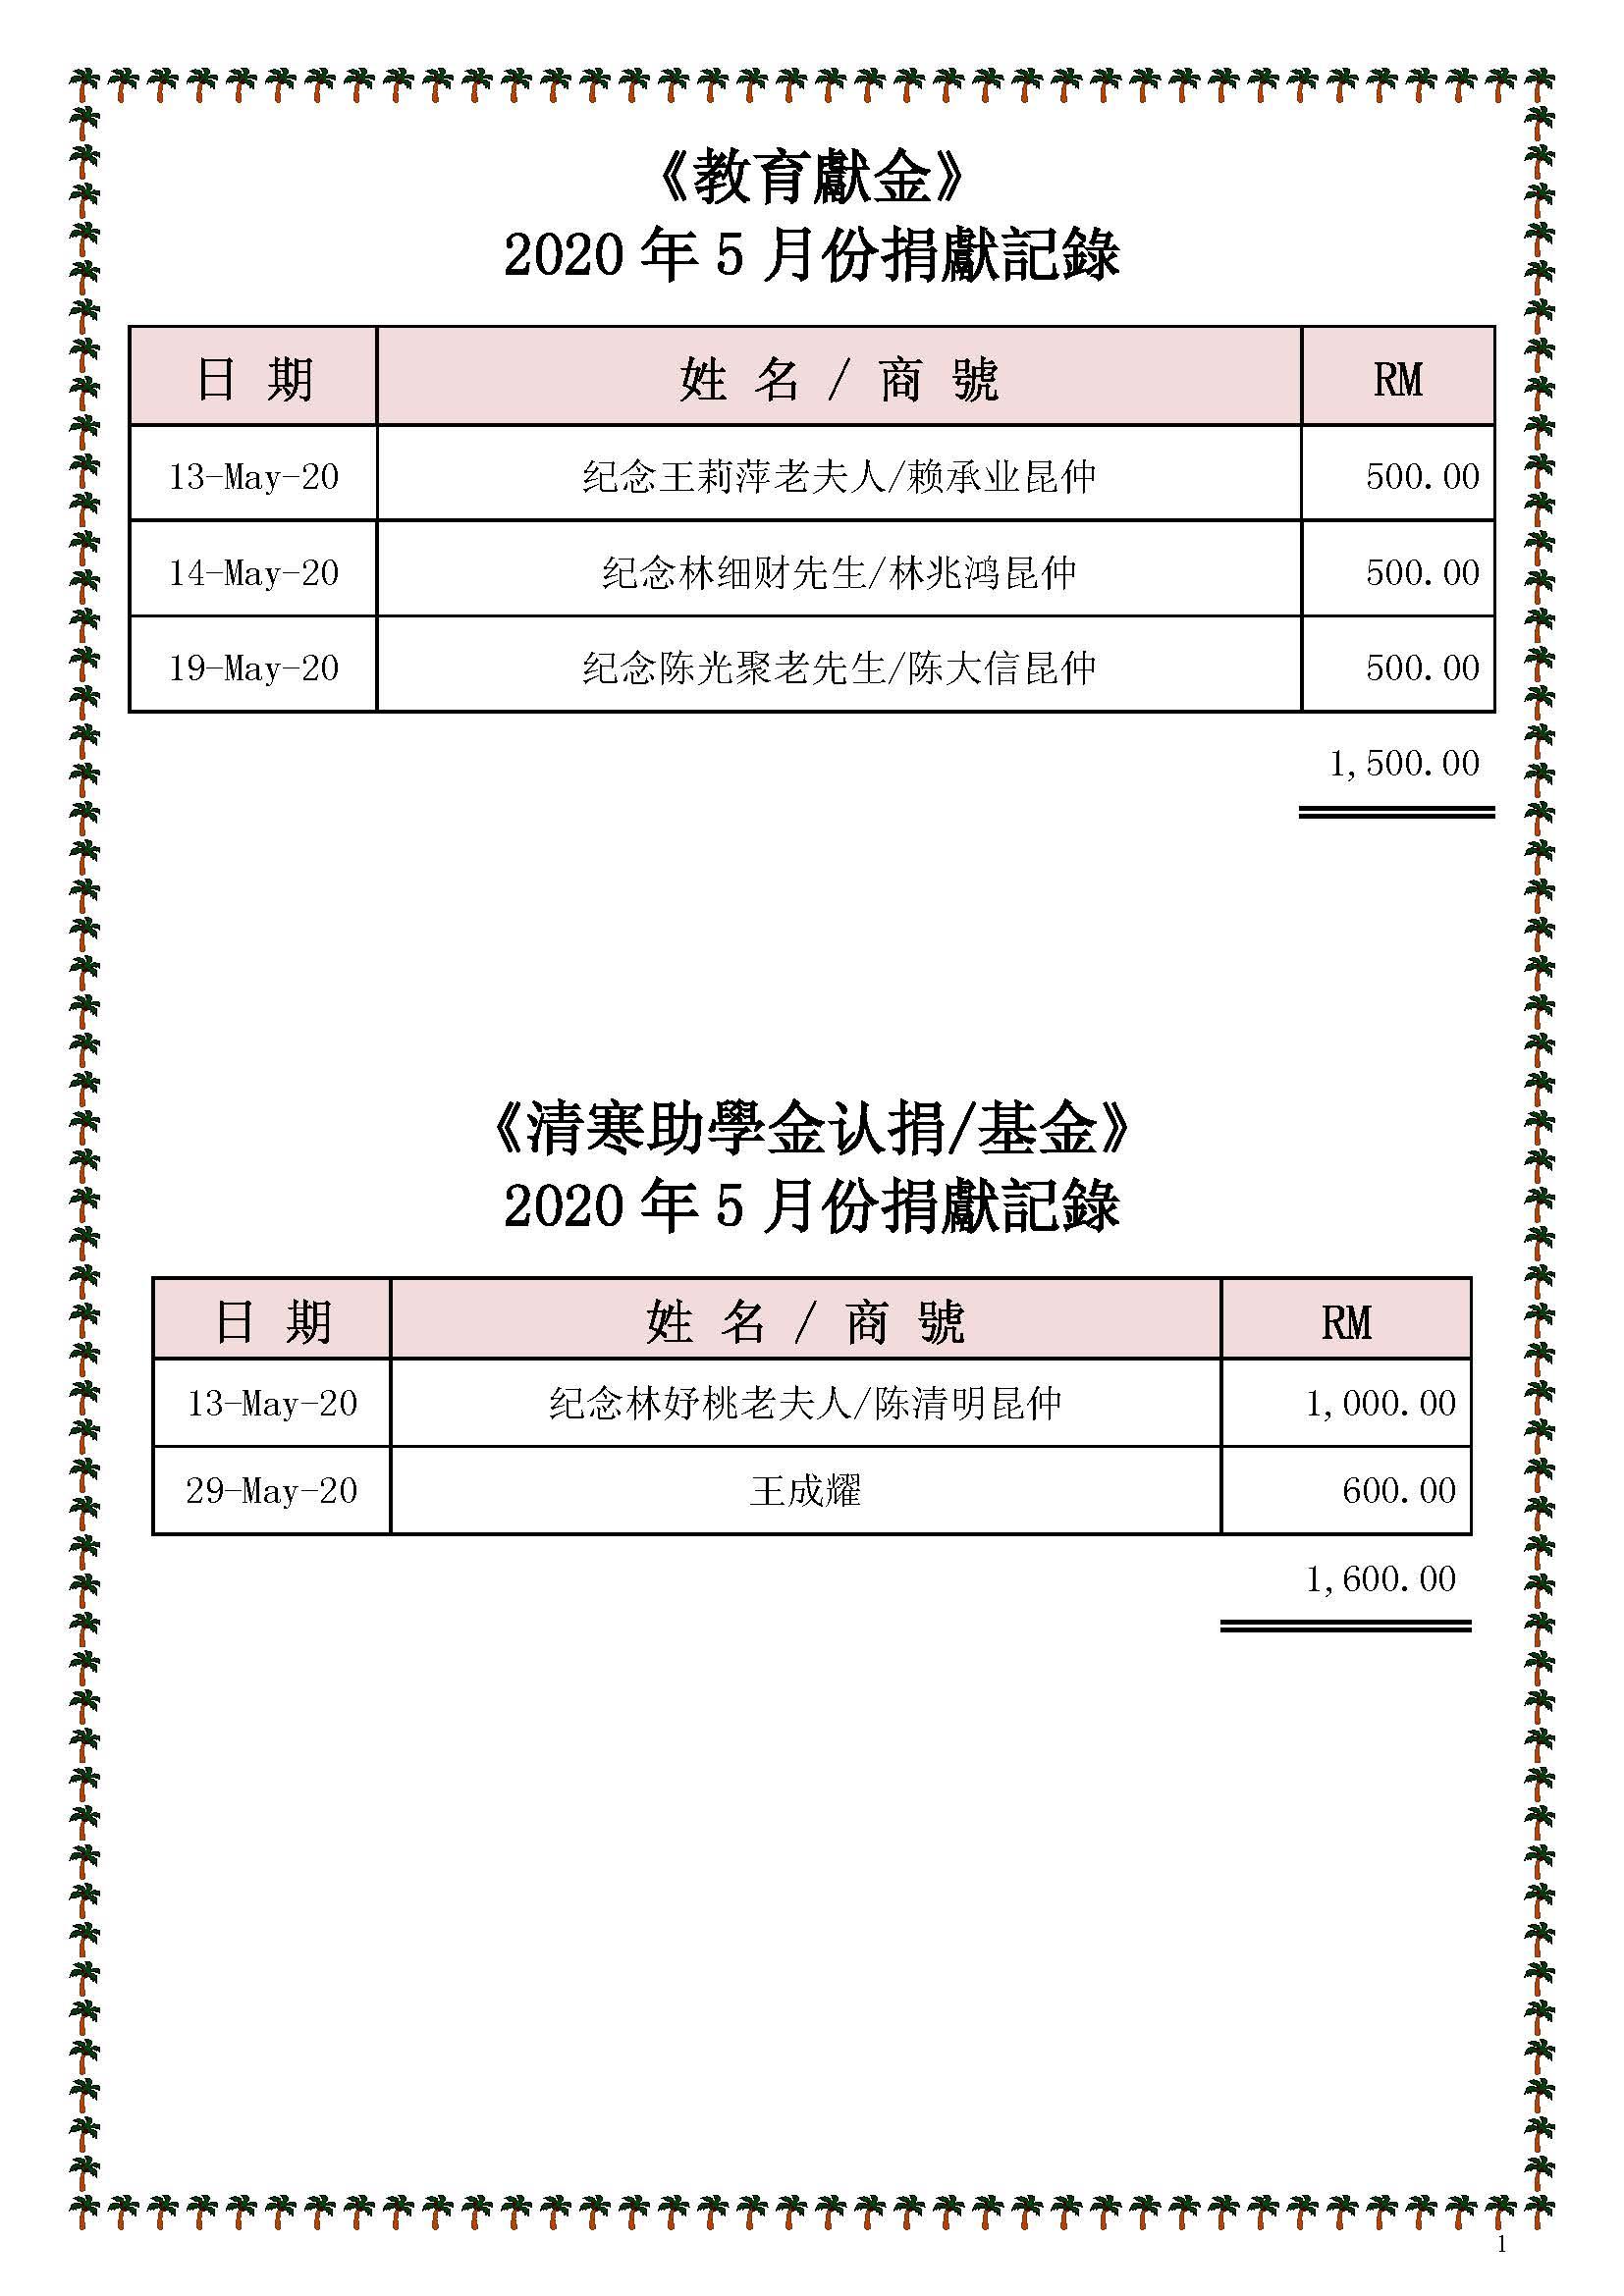 2020年5月份捐獻記錄—修改后_Page_1